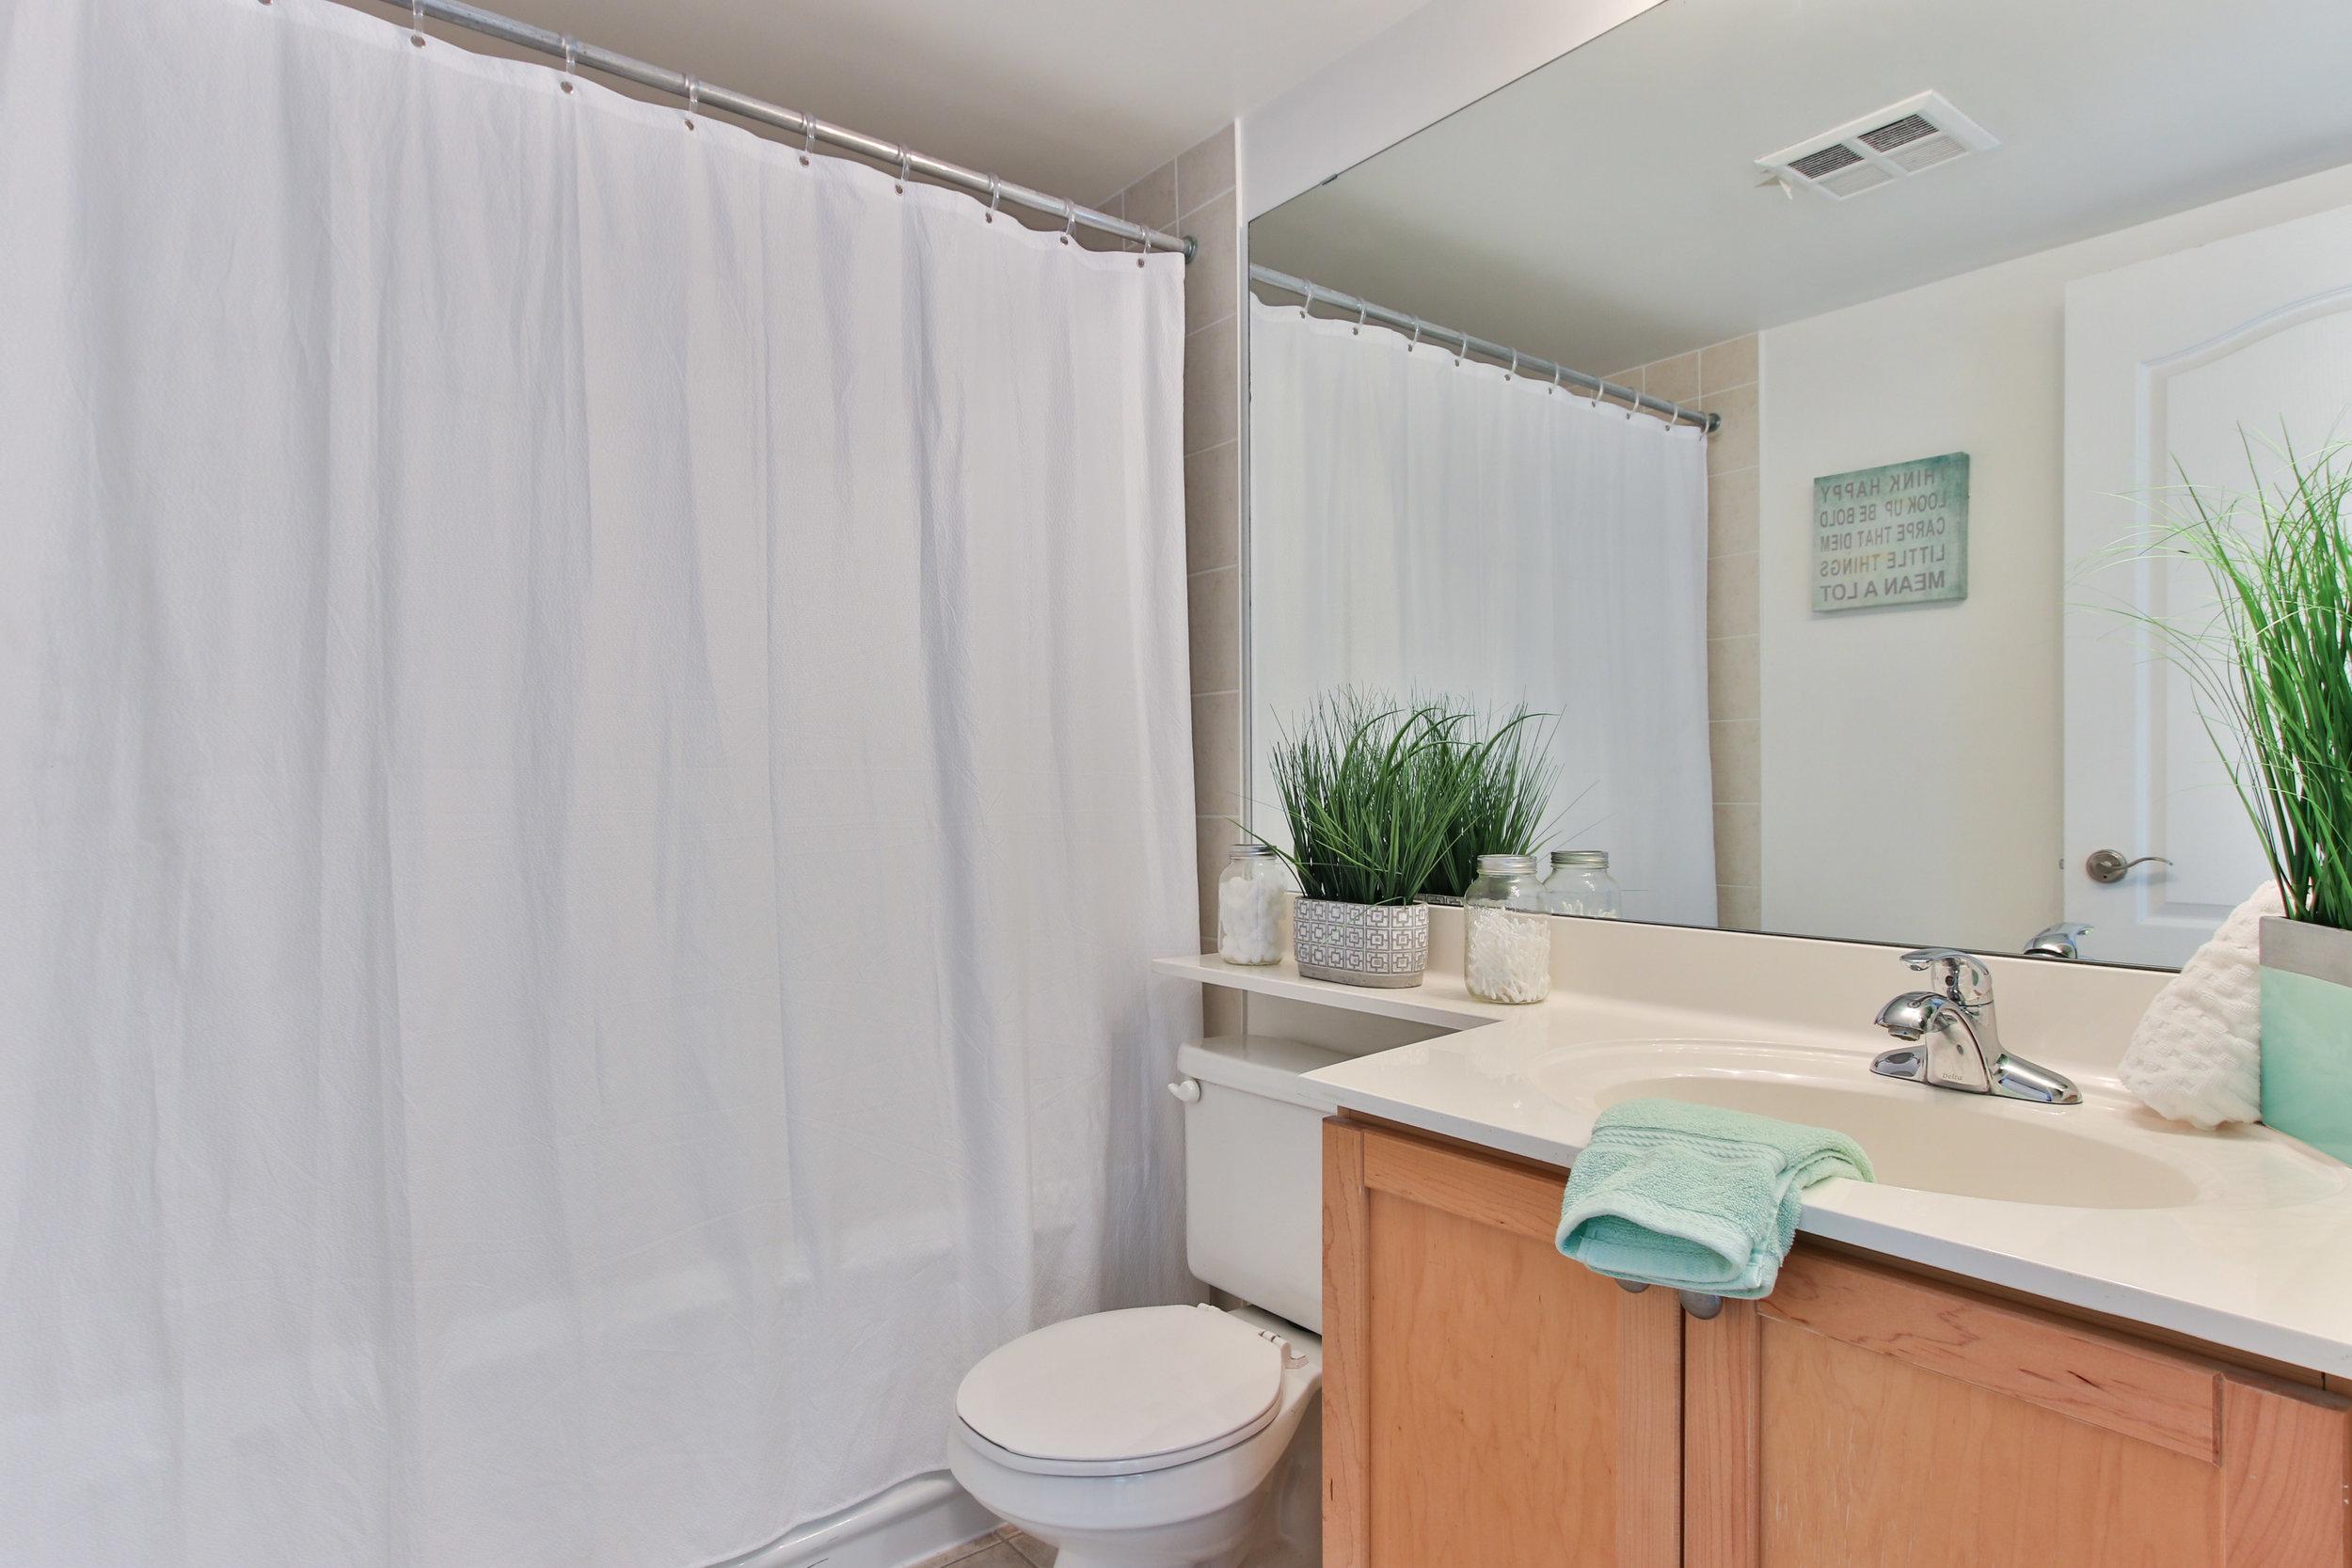 19_Washroom.jpg